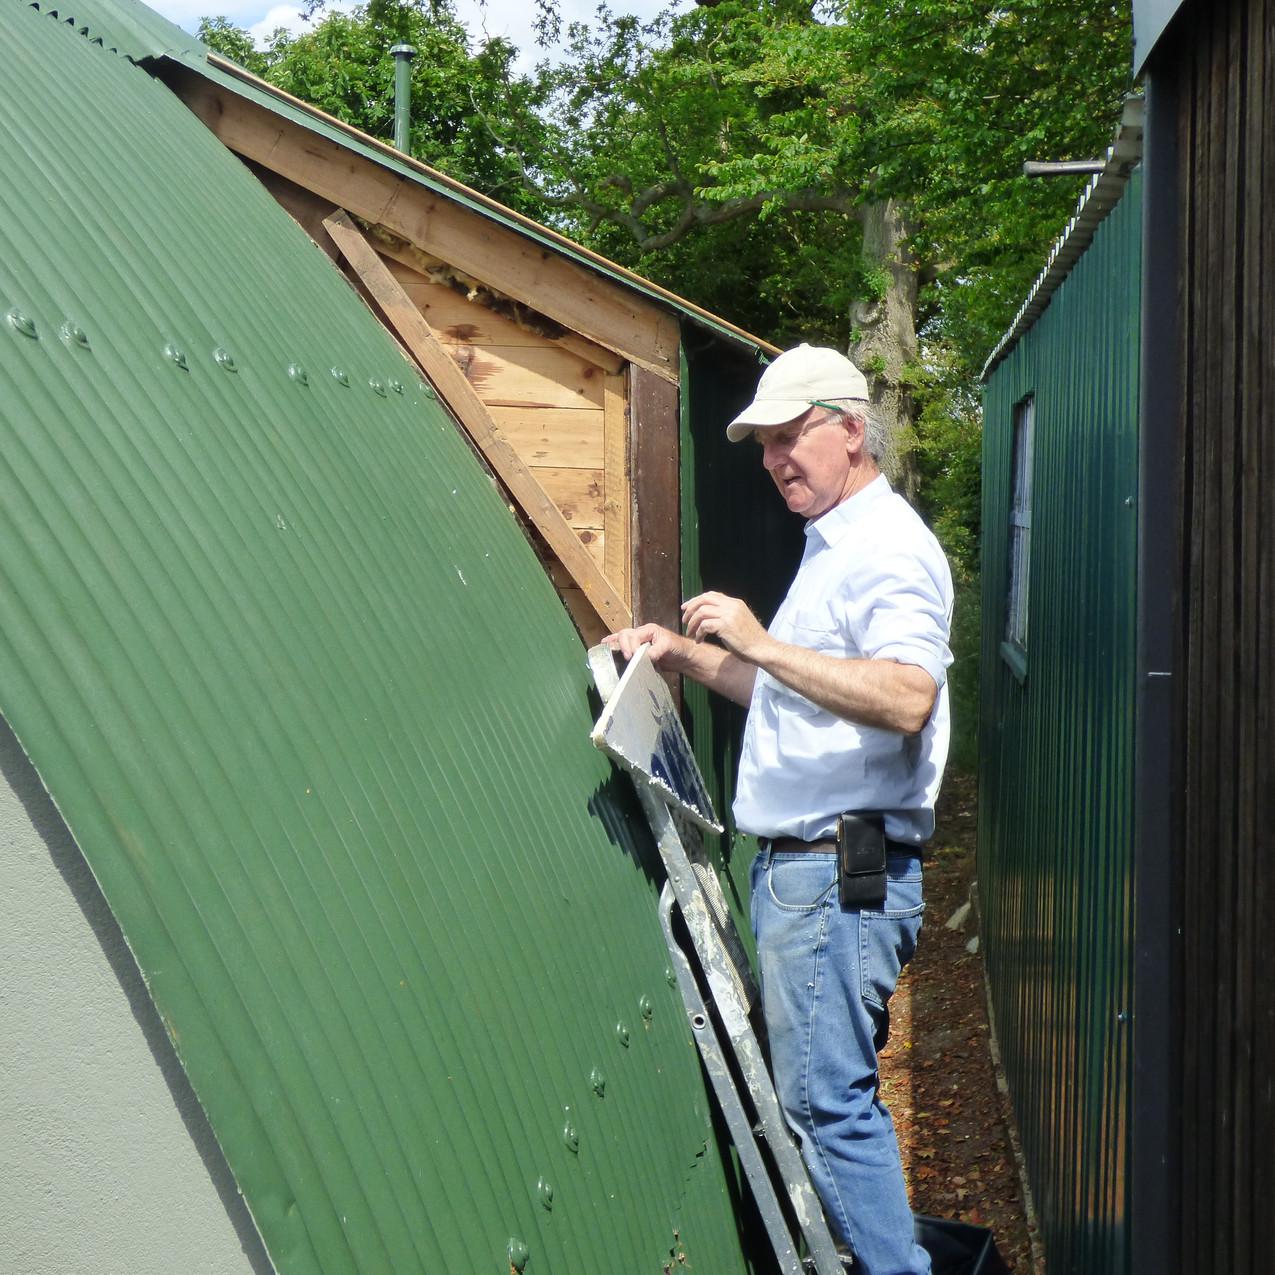 David repairing the Varian Centre